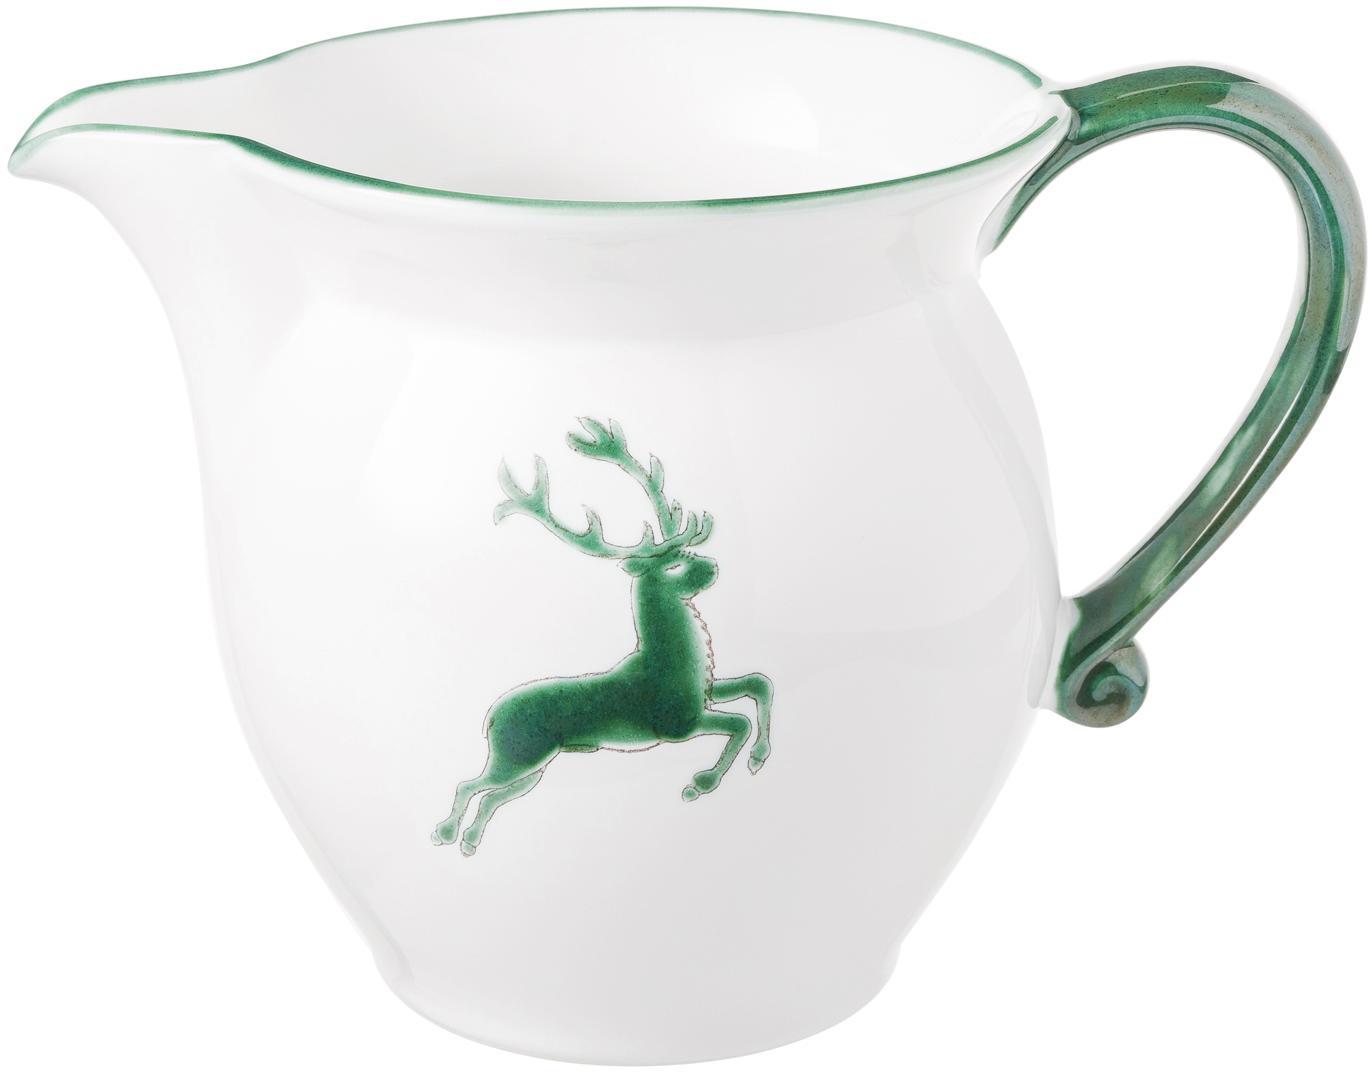 Handbemaltes Milchkännchen Classic Grüner Hirsch, Keramik, Grün,Weiß, 300 ml